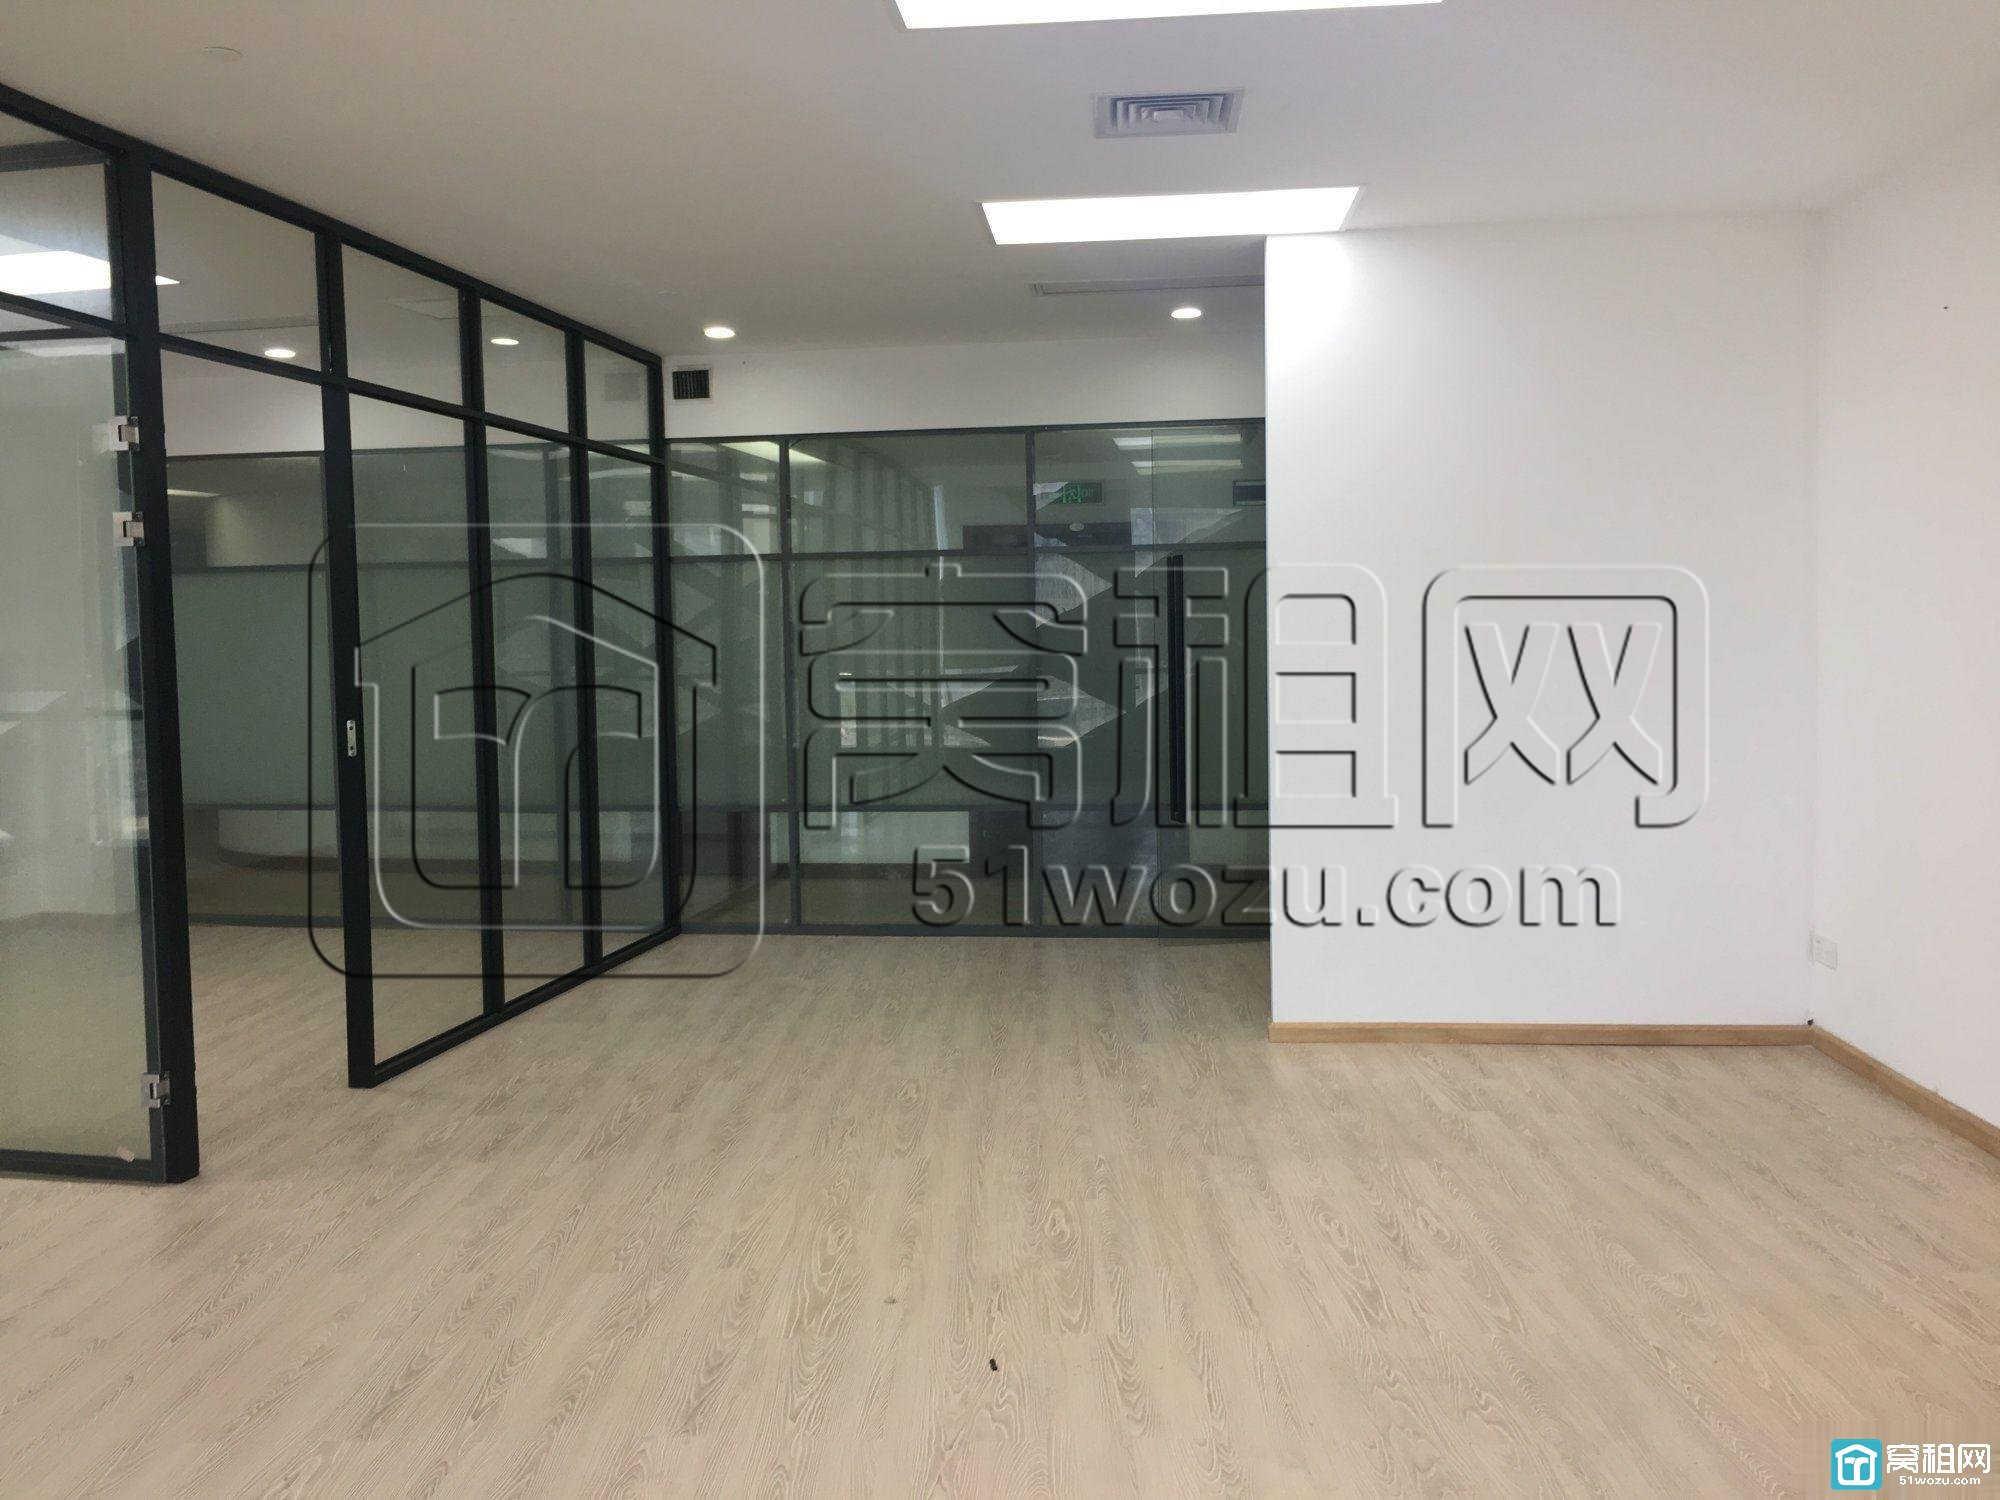 宁波南部商务区南洋航空大厦150平米两个隔间办公室出租